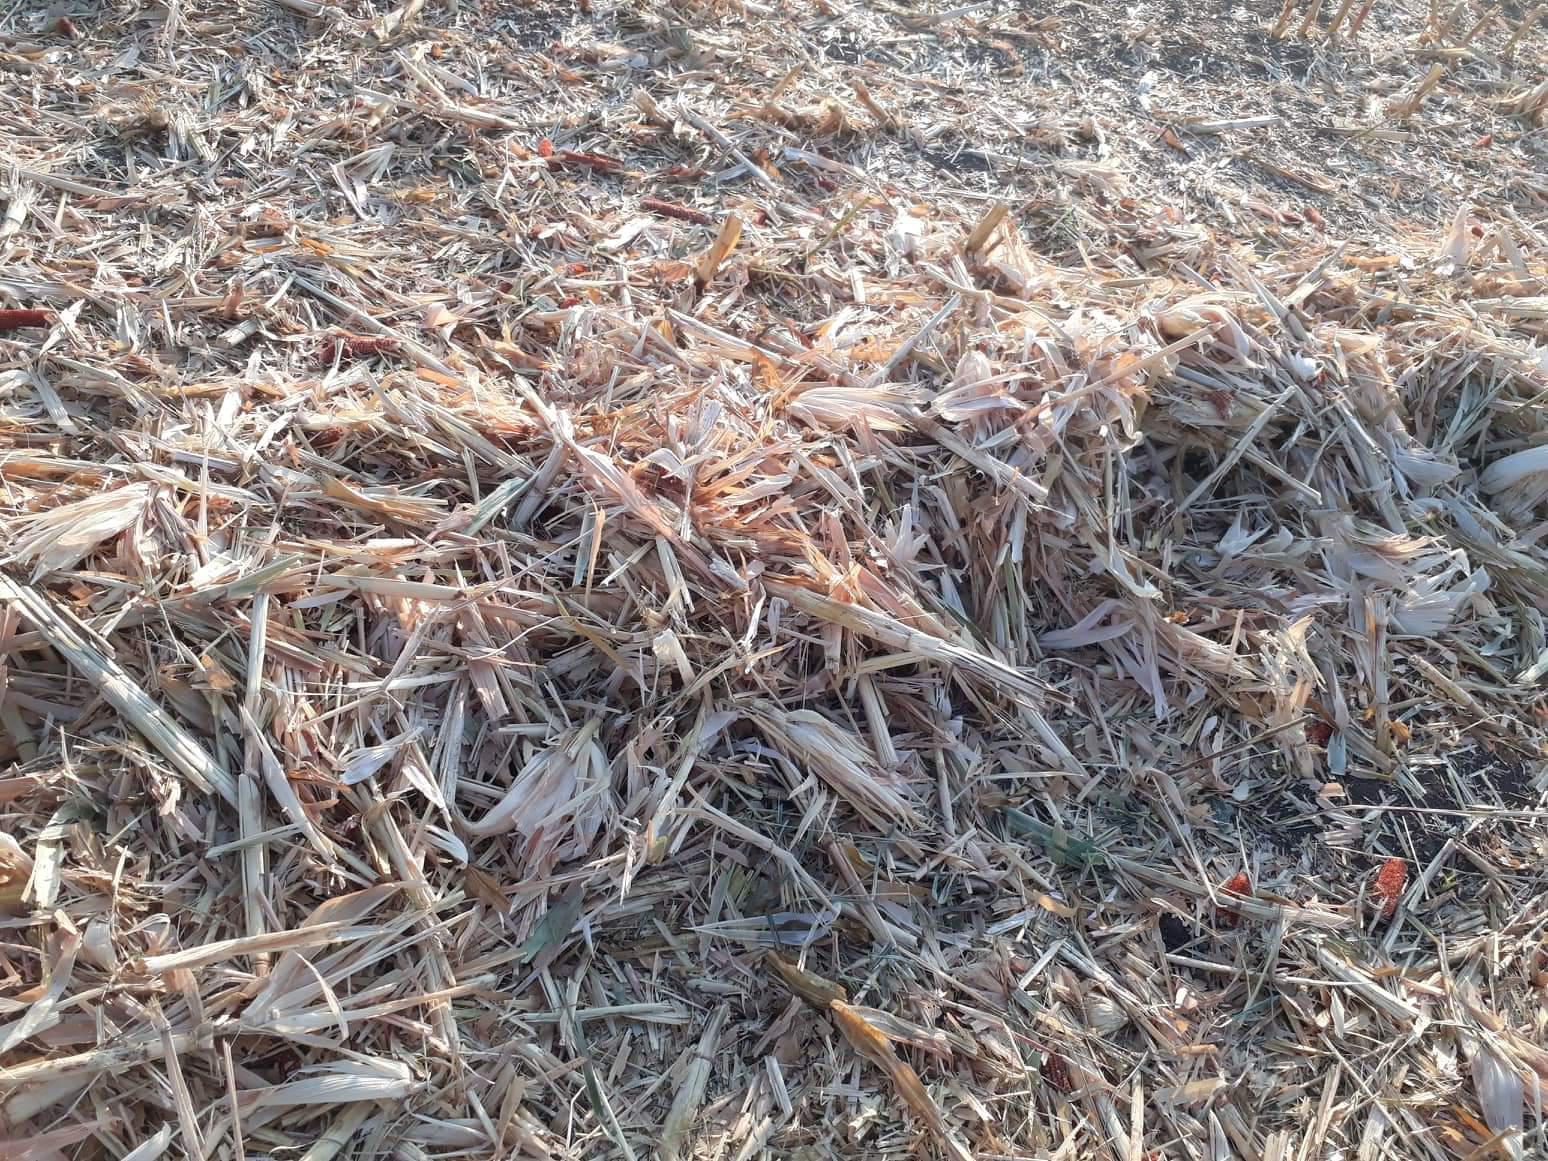 Darı Samanı - Üretici Murat Karakaya 10 tl fiyat ile 10 kilogram darı samanı  satmak istiyor